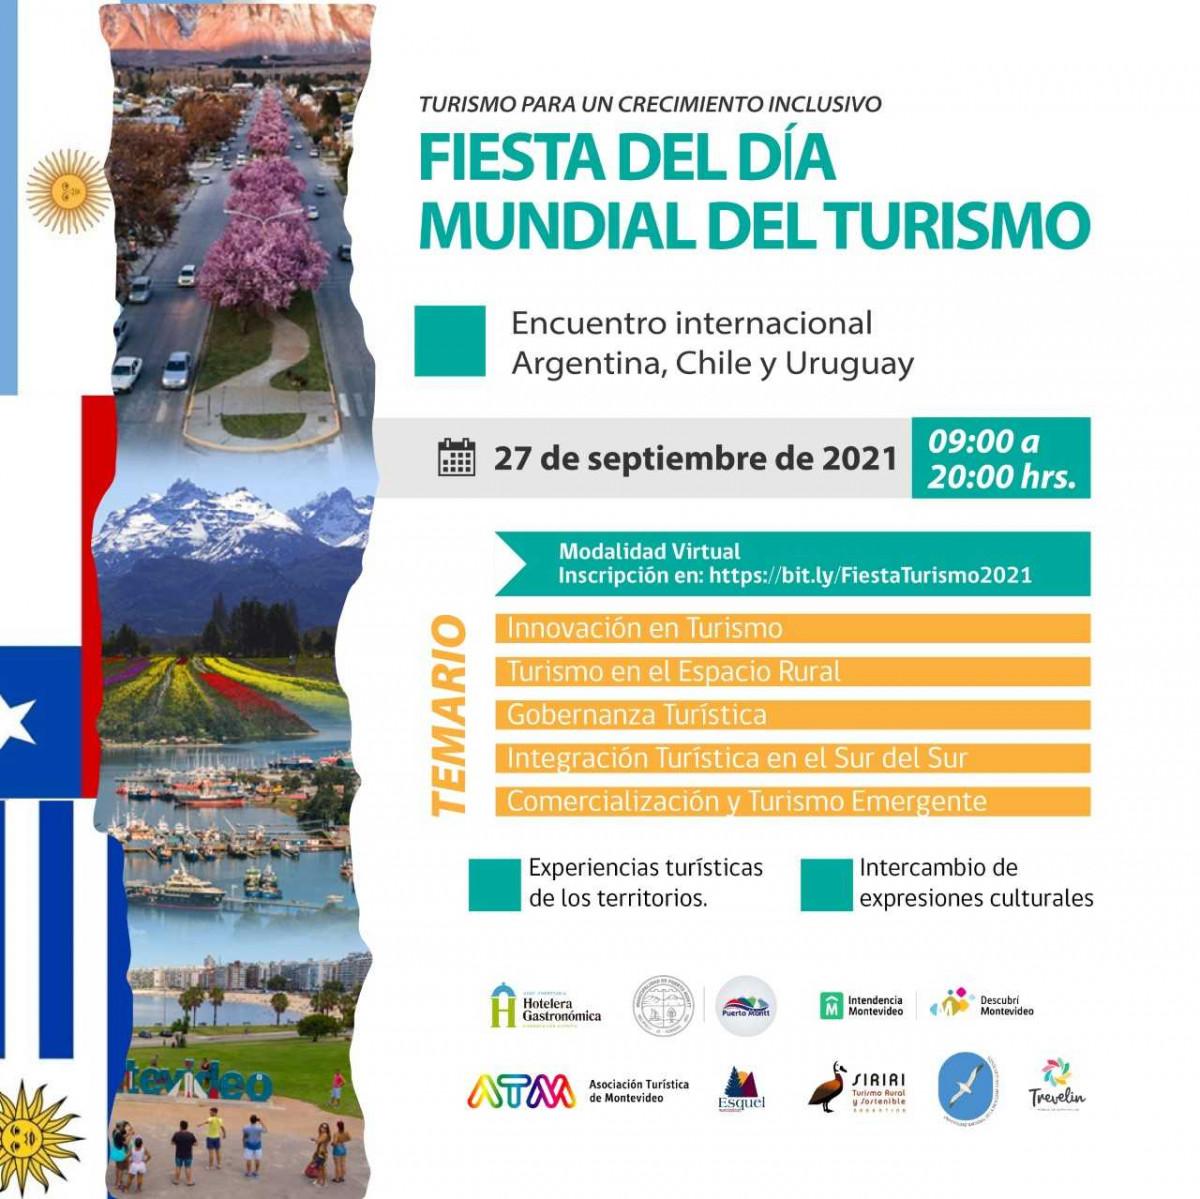 Fiesta del Día Mundial del Turismo en Argentina, Chile y Uruguay.